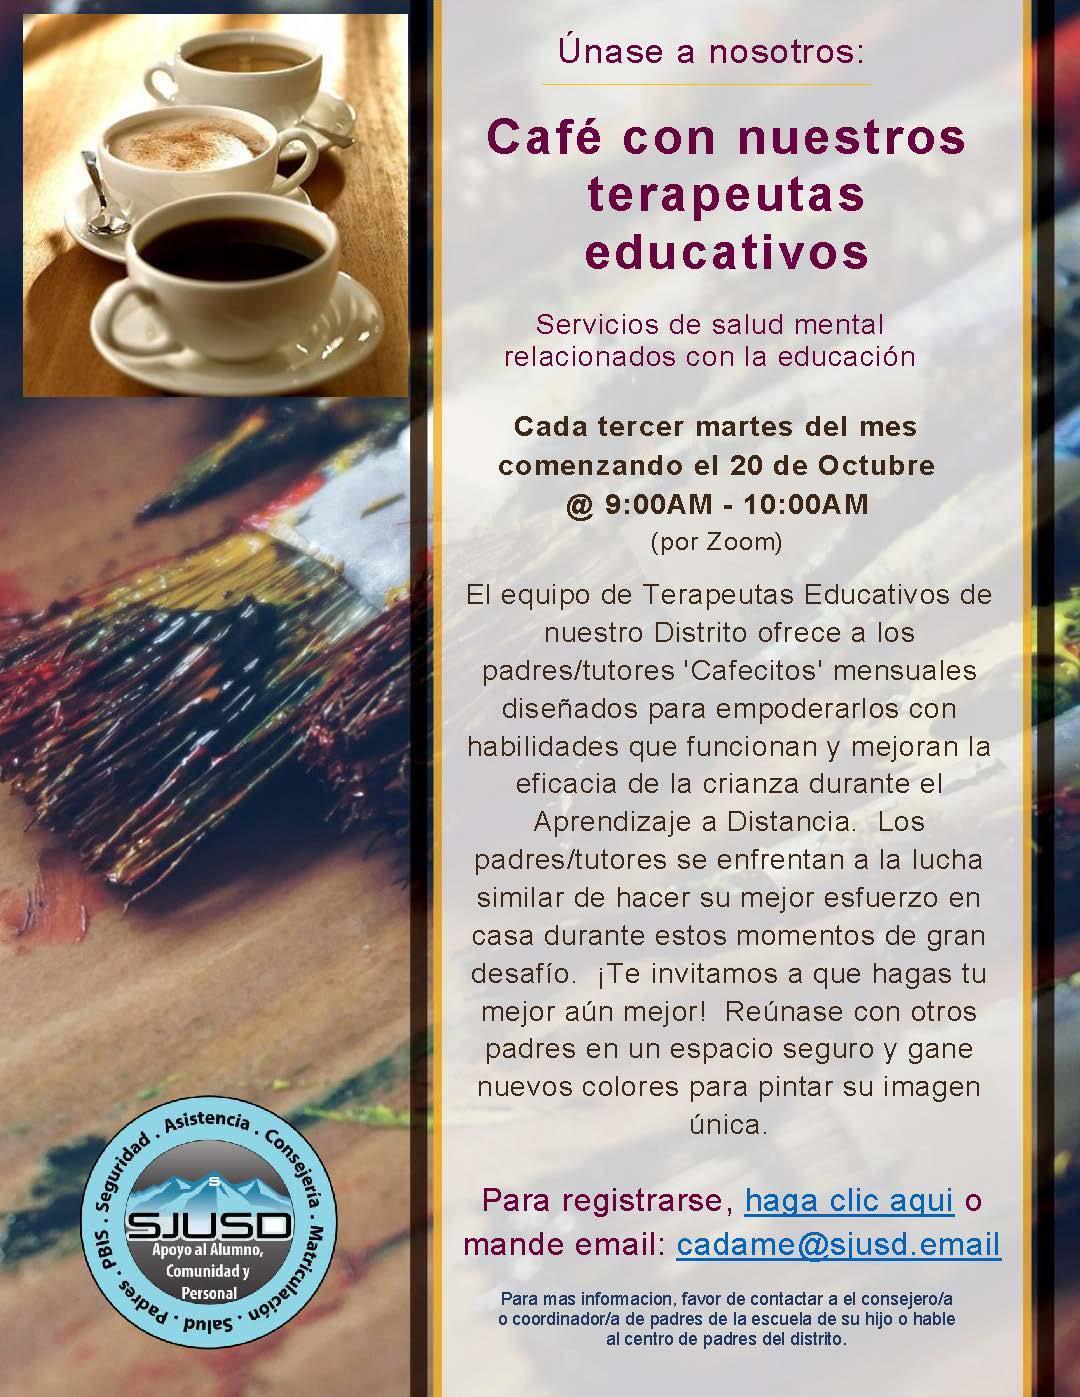 Café con nuestros terapeutas educativos